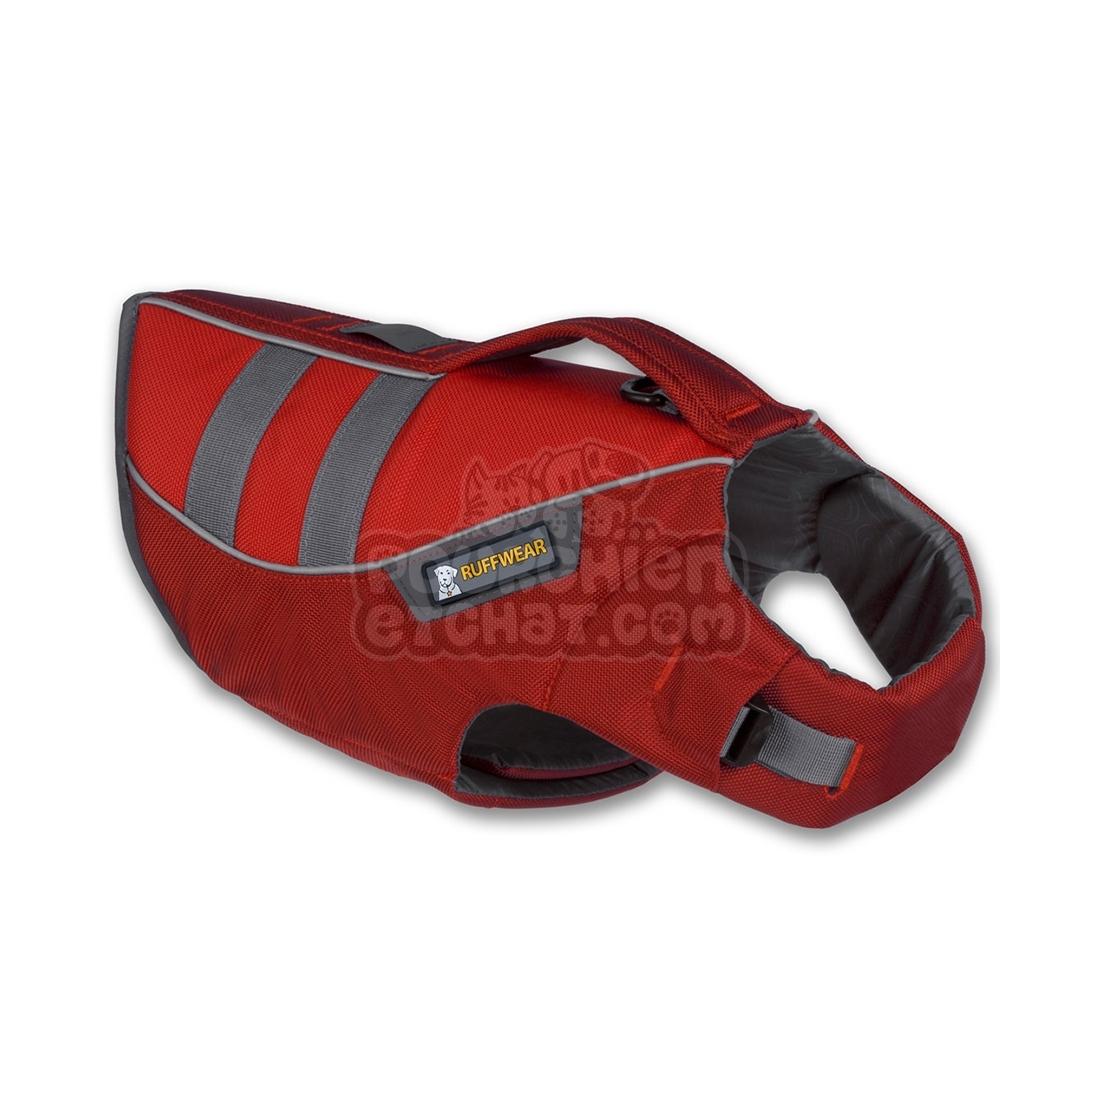 gilet de sauvetage pour chien ruffwear k 9 float coat rouge. Black Bedroom Furniture Sets. Home Design Ideas